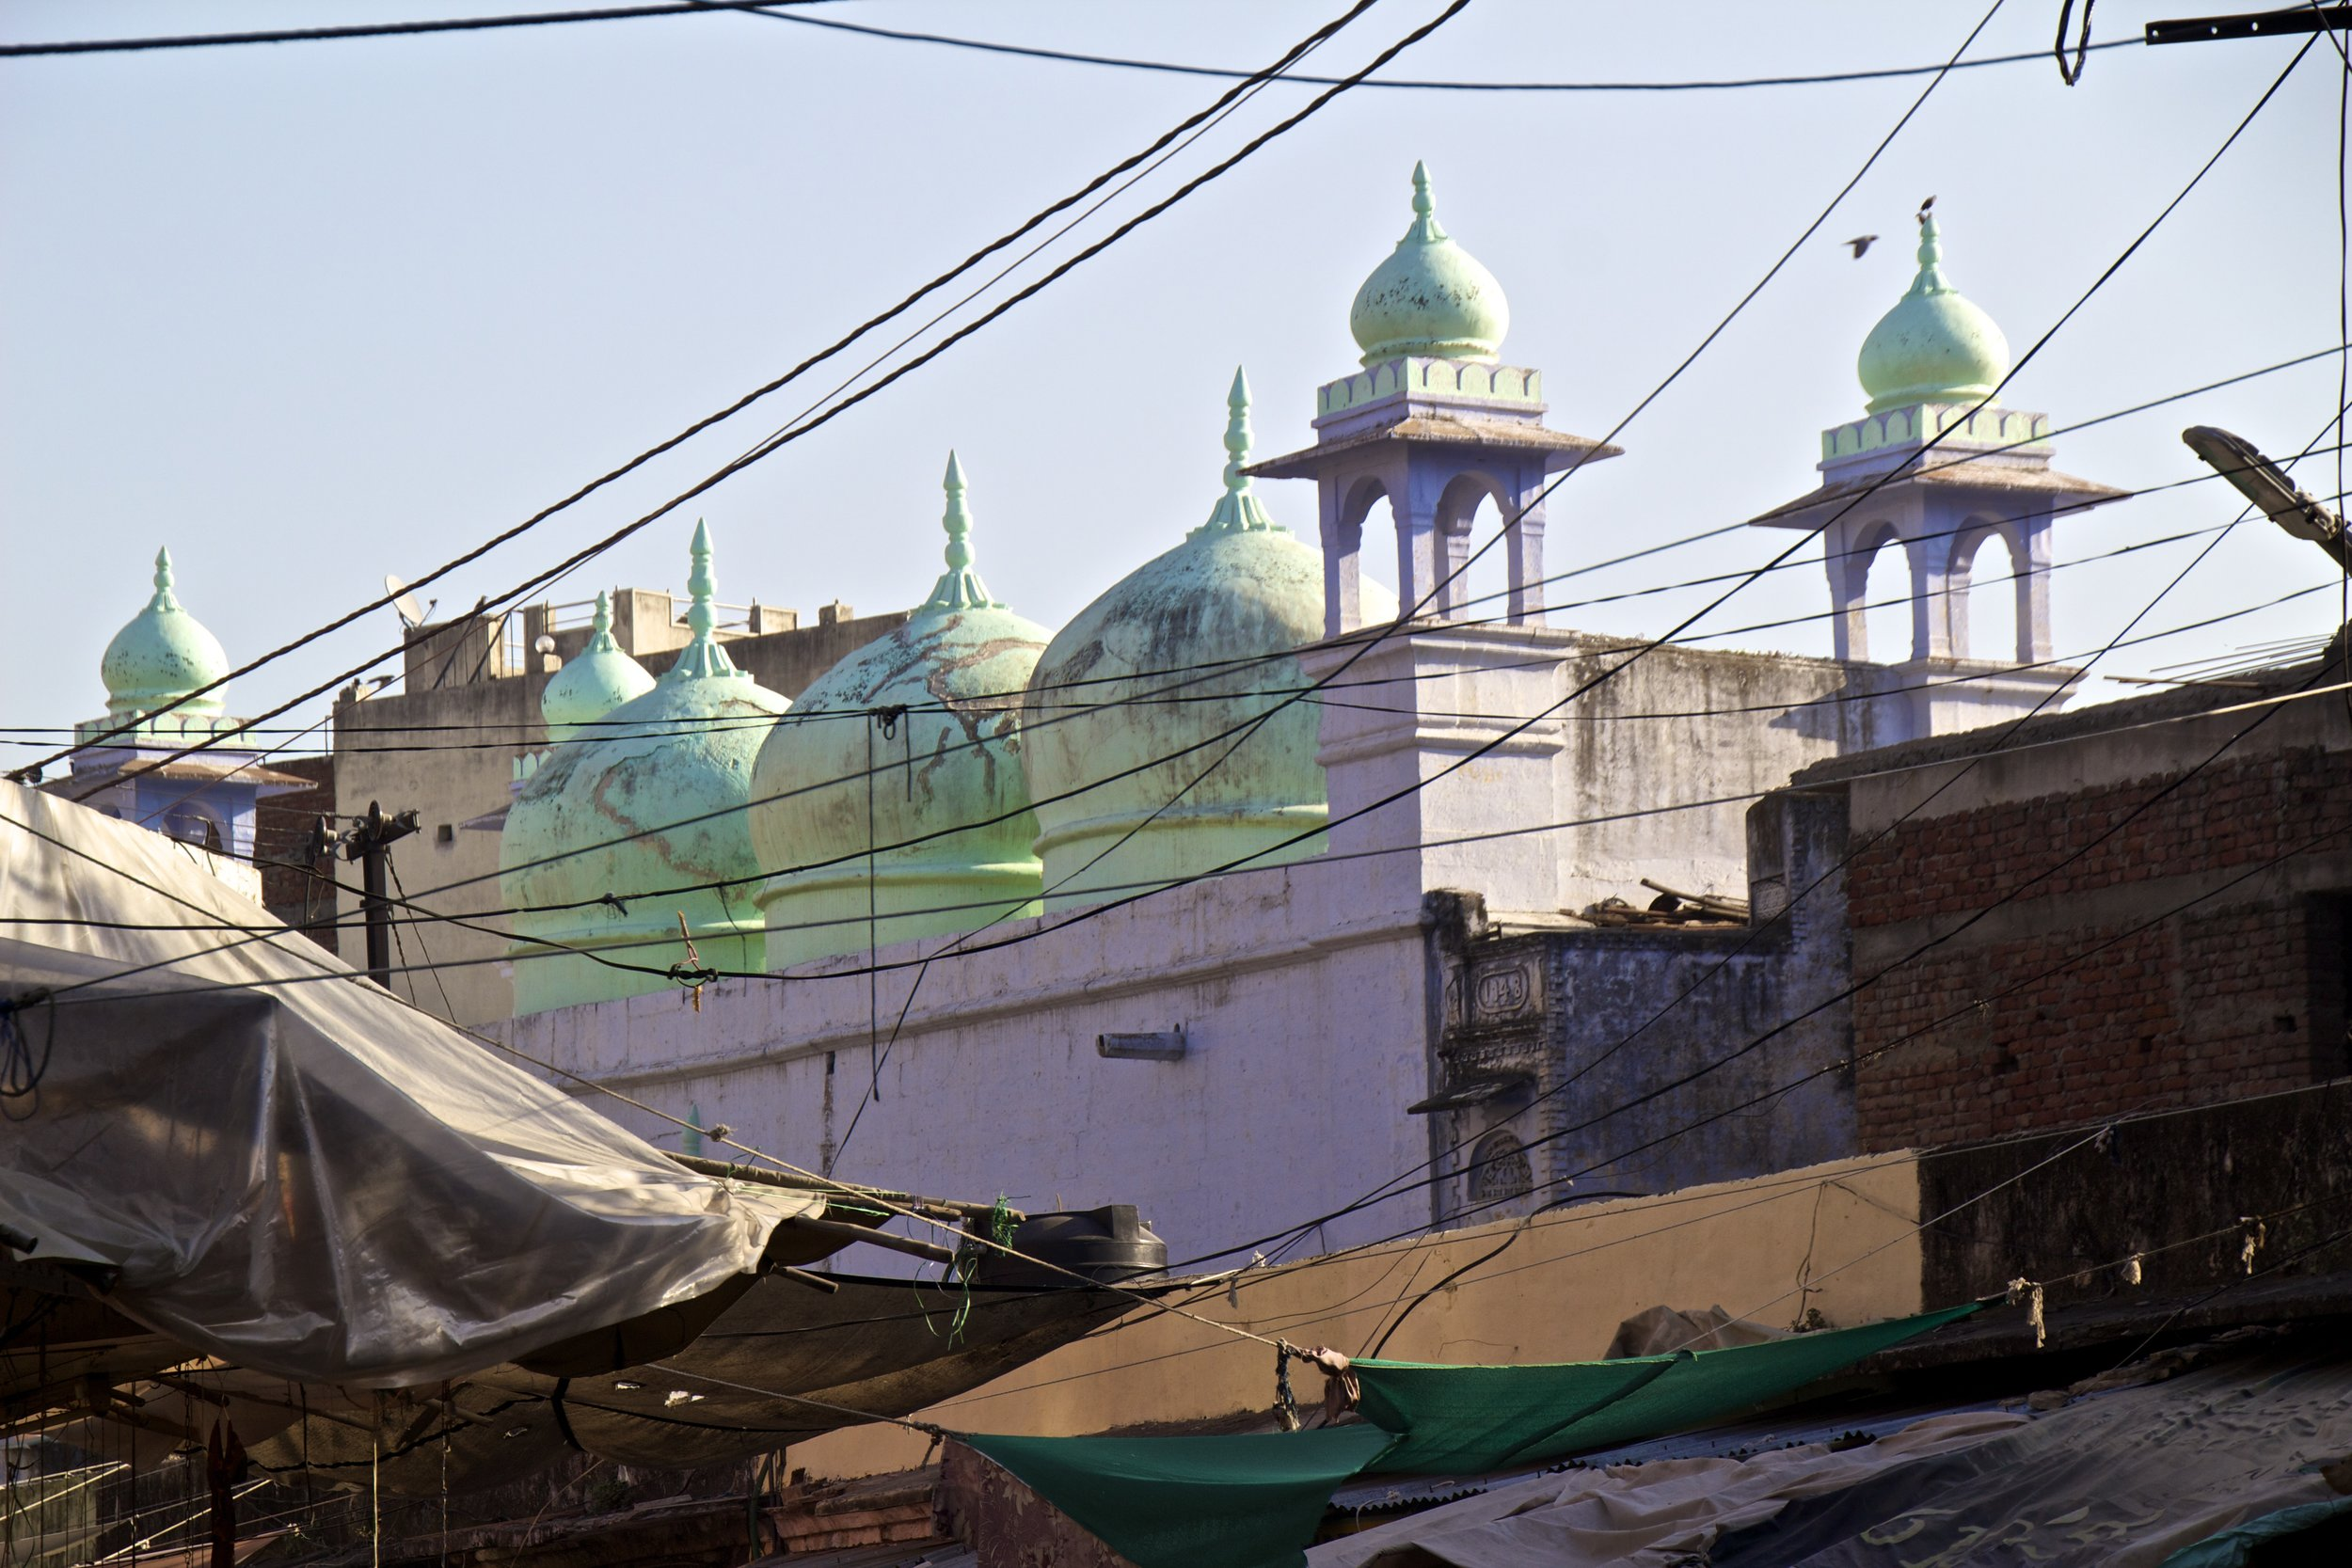 pushkar rajasthan ghats street photography 11.jpg